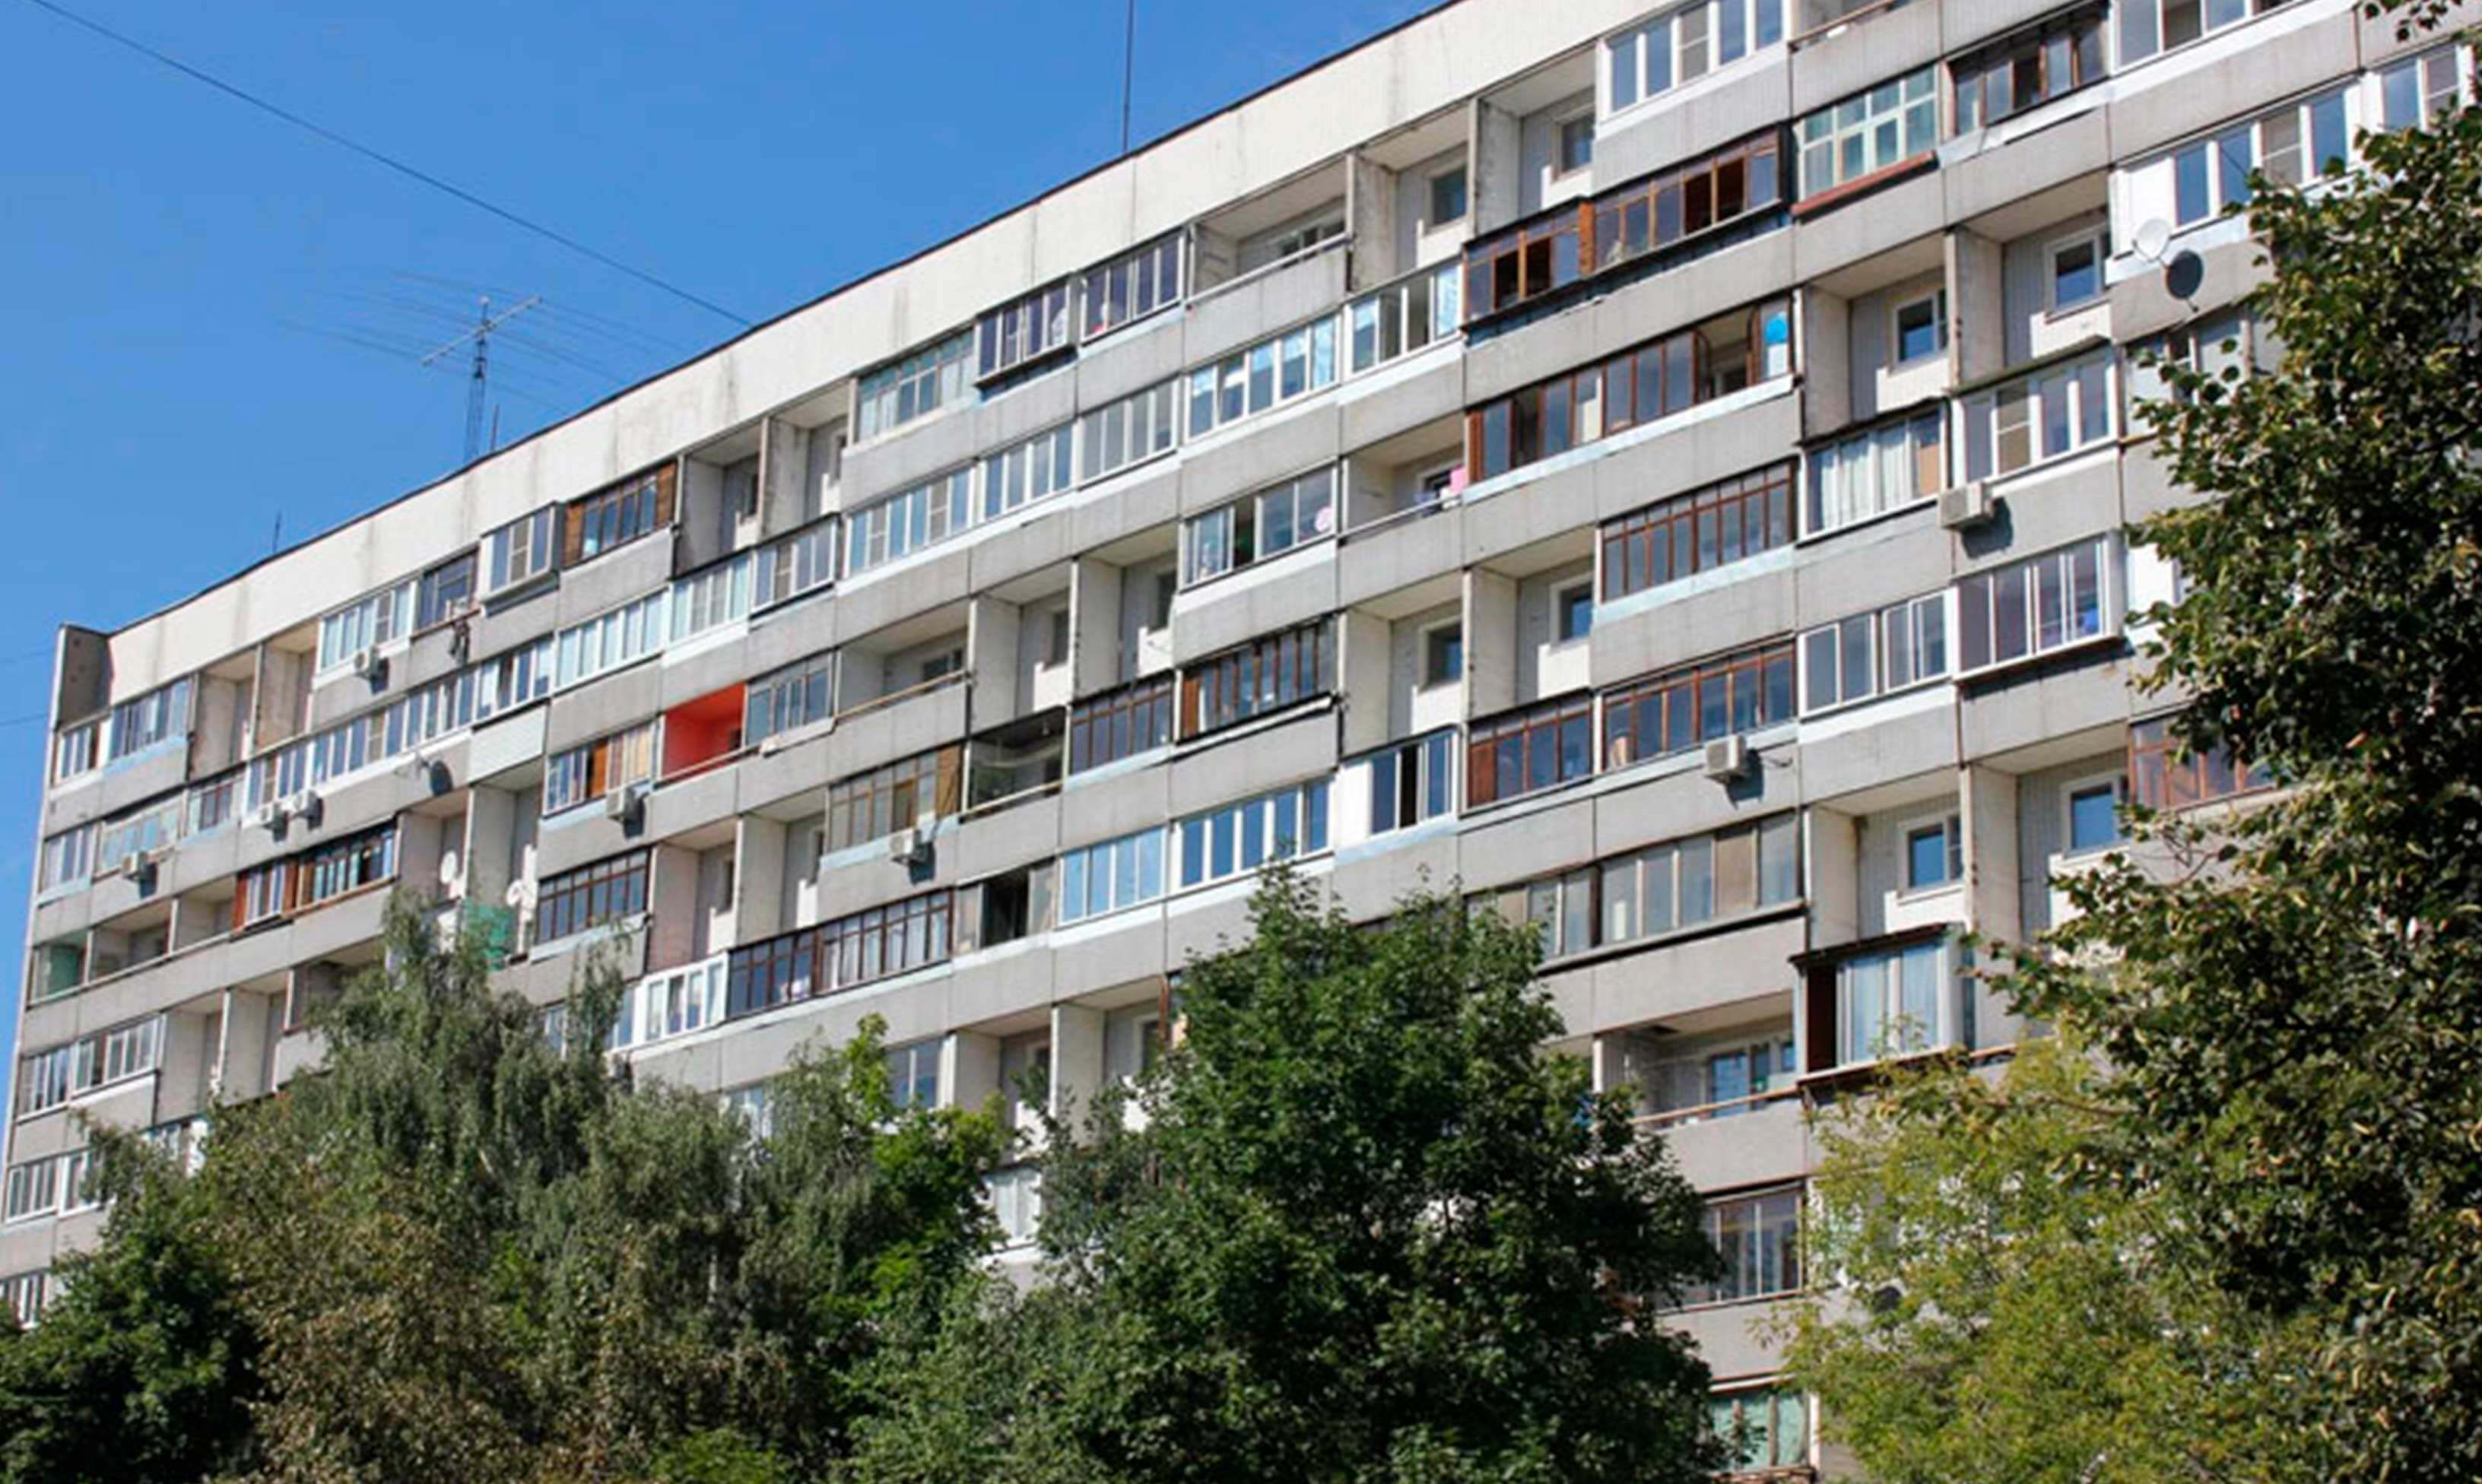 Панельный дом П-46 серия, балкон и лоджия есть. Фото на улице в москве